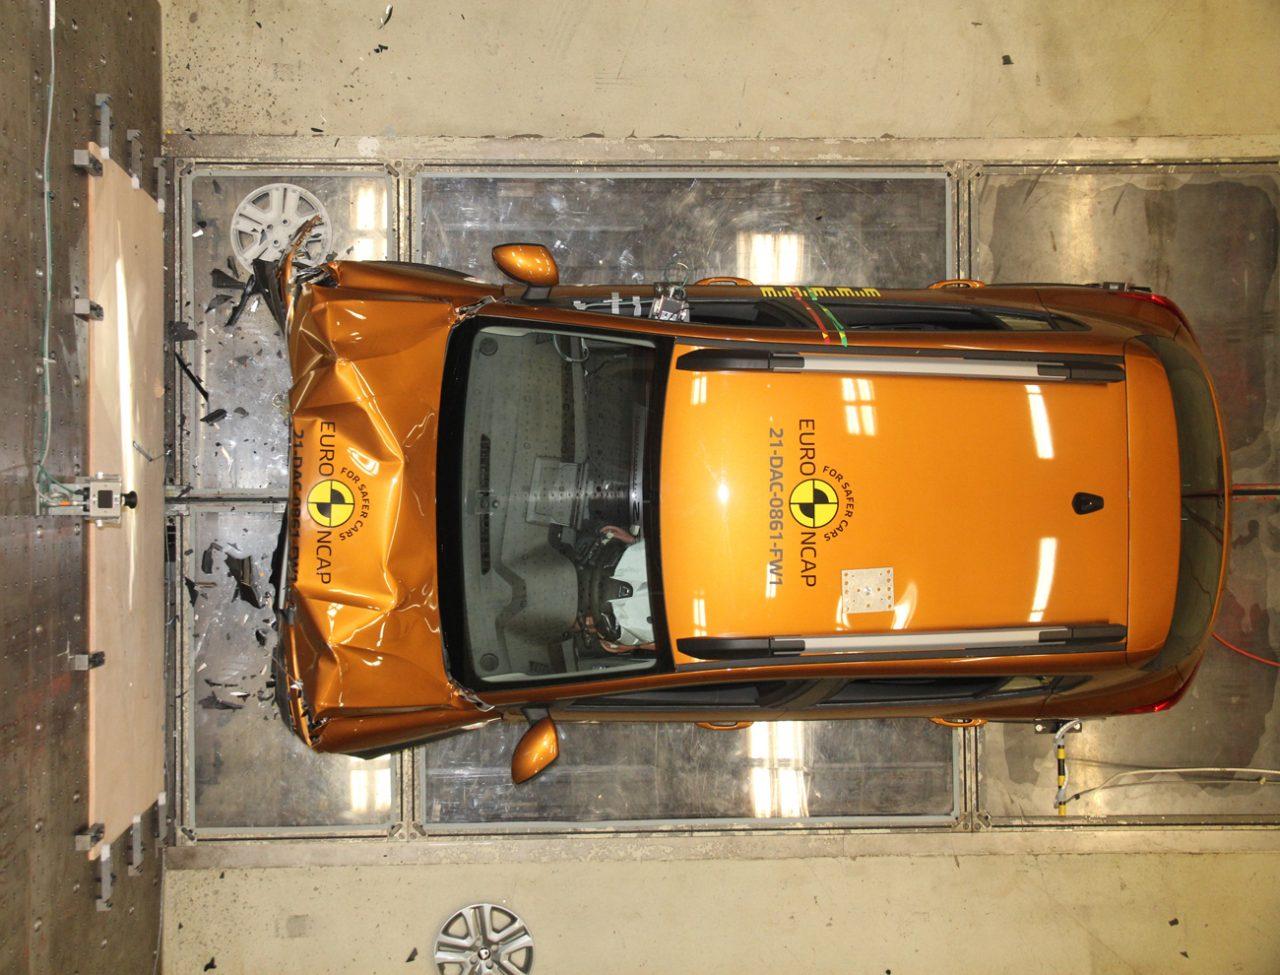 Sandero foi mal em teste de colisão na Europa. Euro NCAP disse que alguns setores de proteção não foram adequados